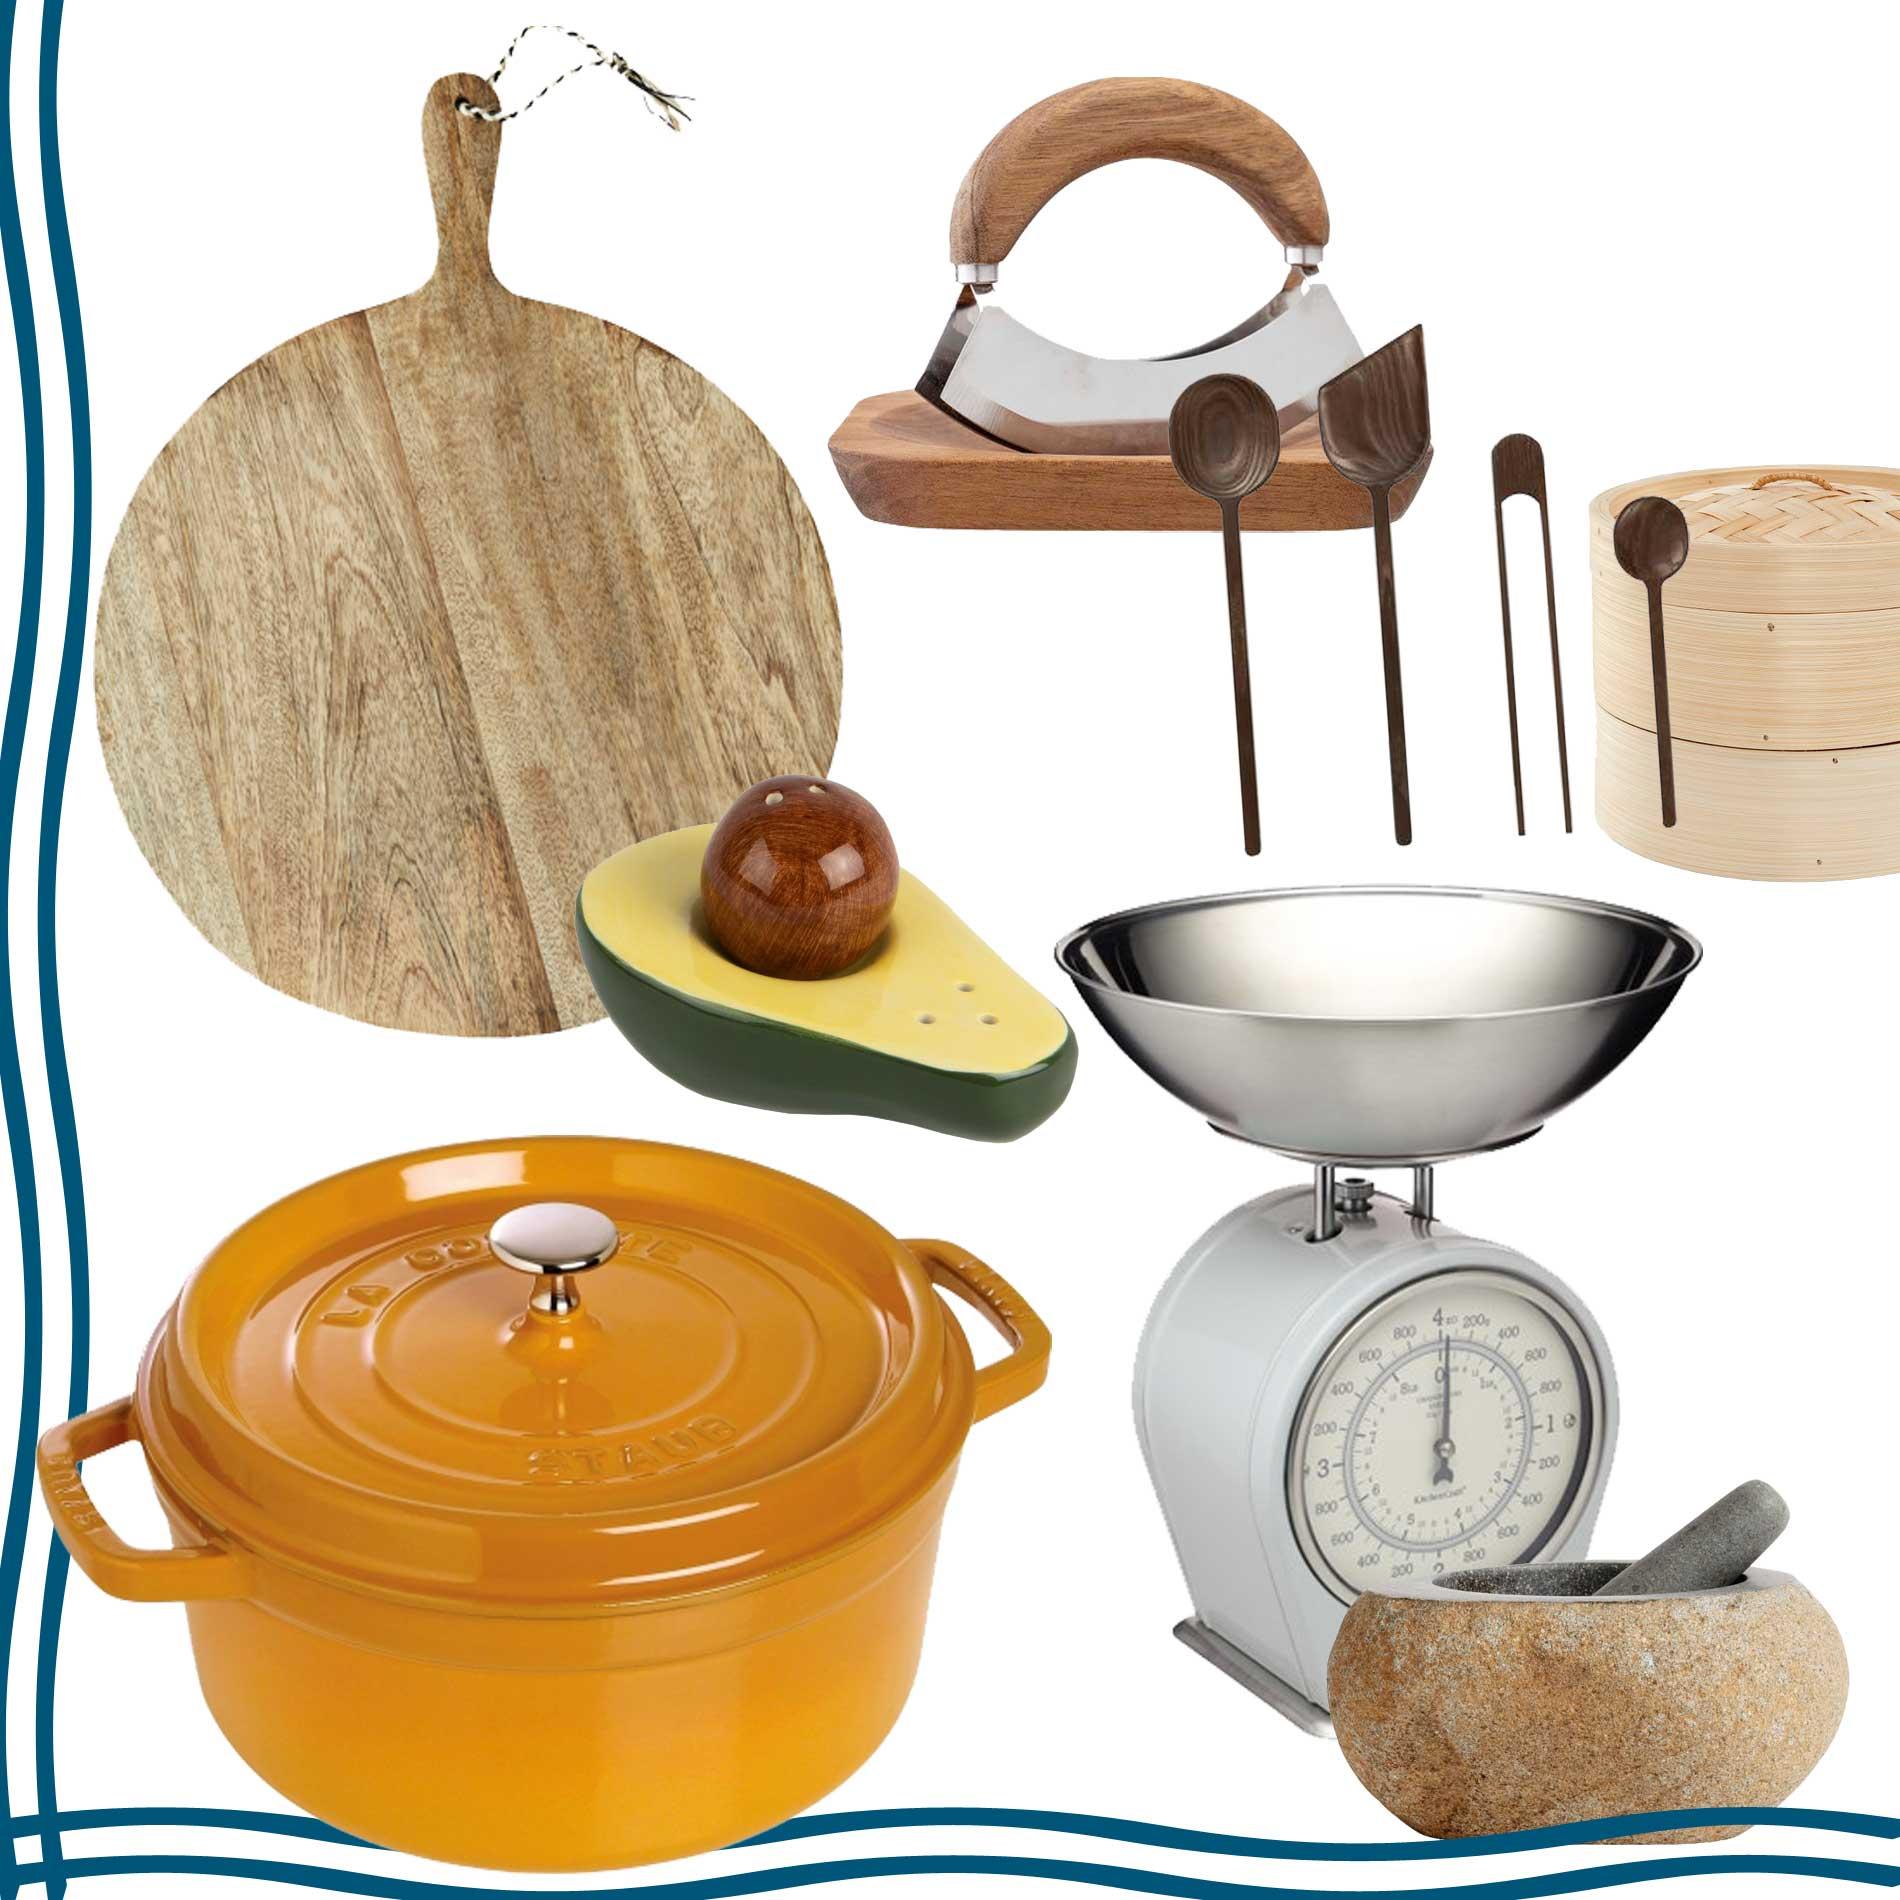 Guift Guide für Hobby-Köchinnen & Hobby-Köche, Kochen , Küchenhelfer, Helfer in der Küche, stylische Küche, Küche einrichten, Küche, Küche dekorieren, Gift Guide, Weihnachtsgeschenke, Geschenke zu Weihnachten